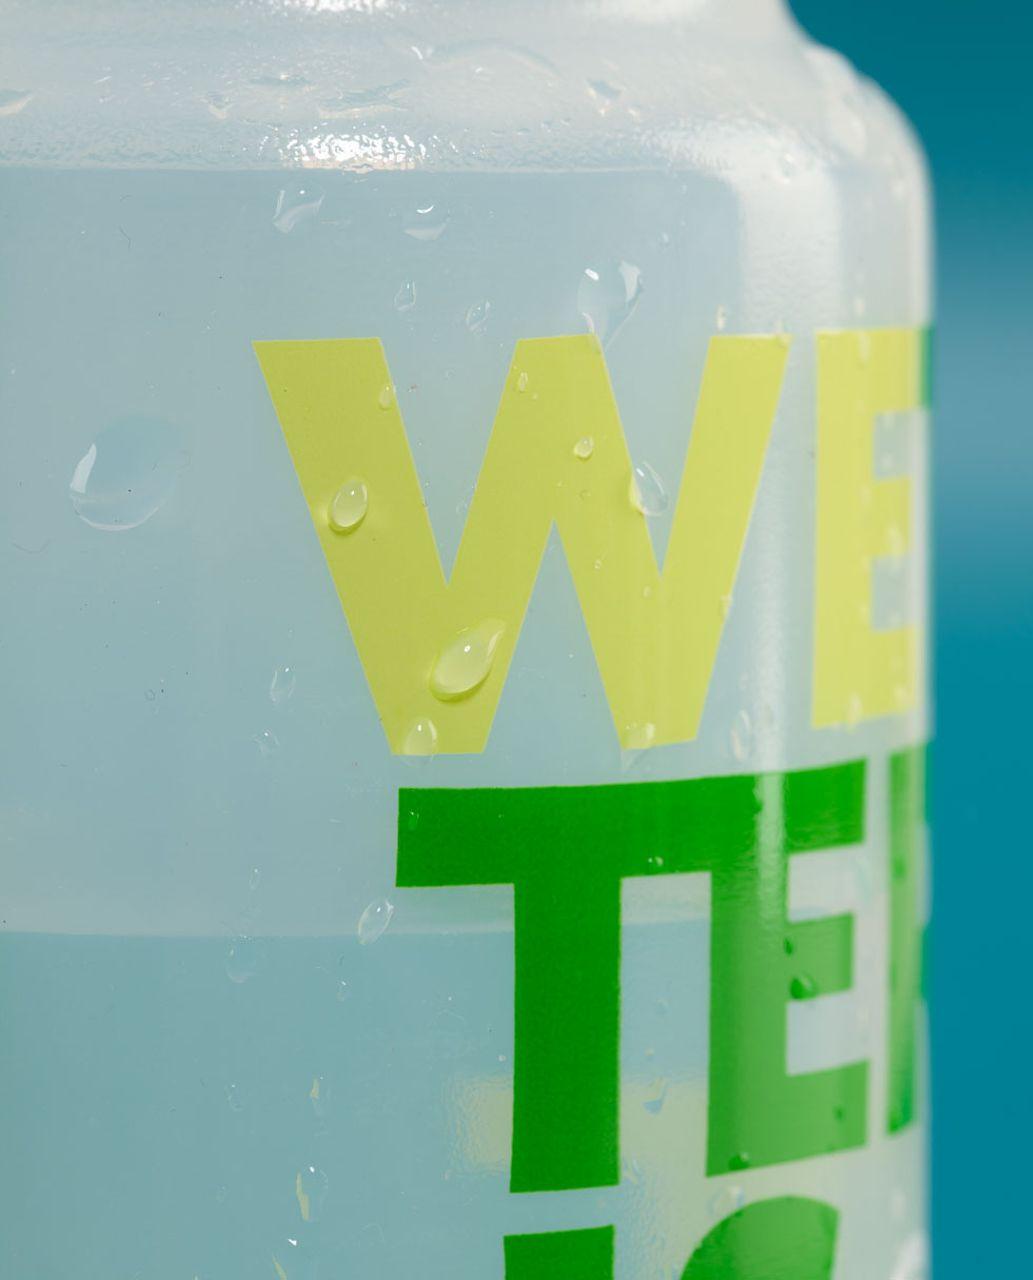 Lululemon Purist Cycling Water Bottle II - Wetter Is Better Faded Zap